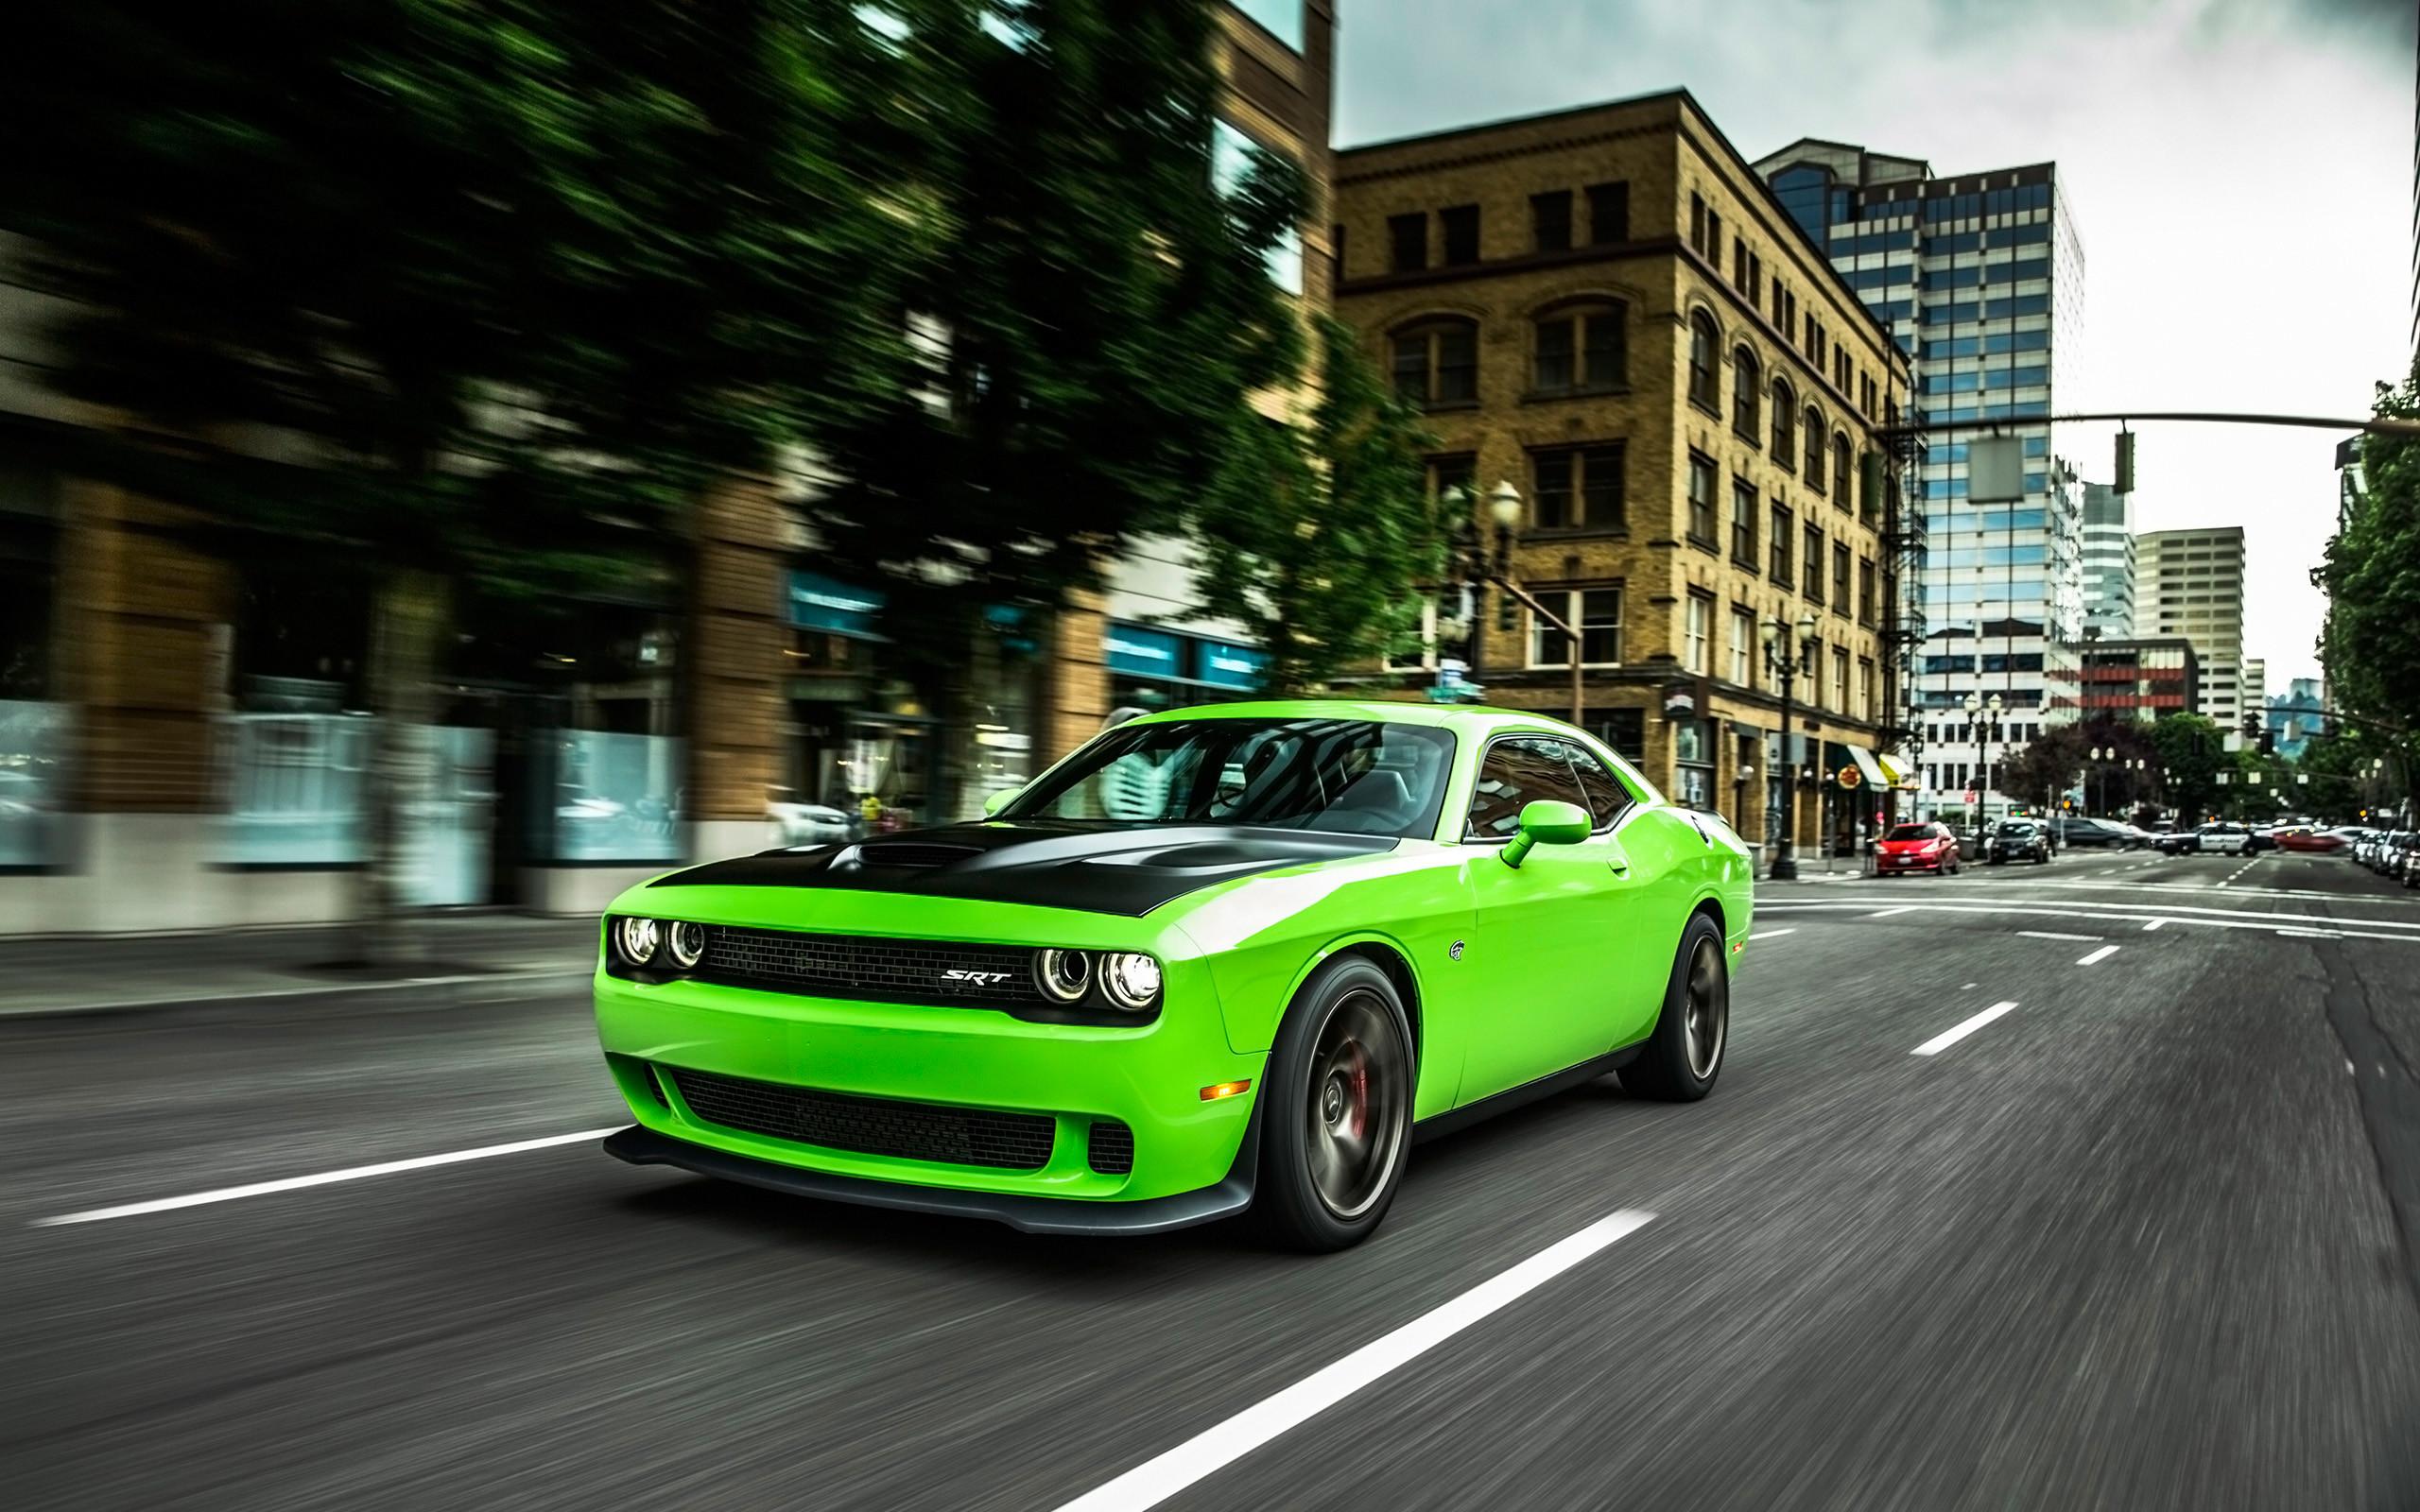 2016 Dodge Challenger SRT – Hellcat – Green – 1 – – Wallpaper